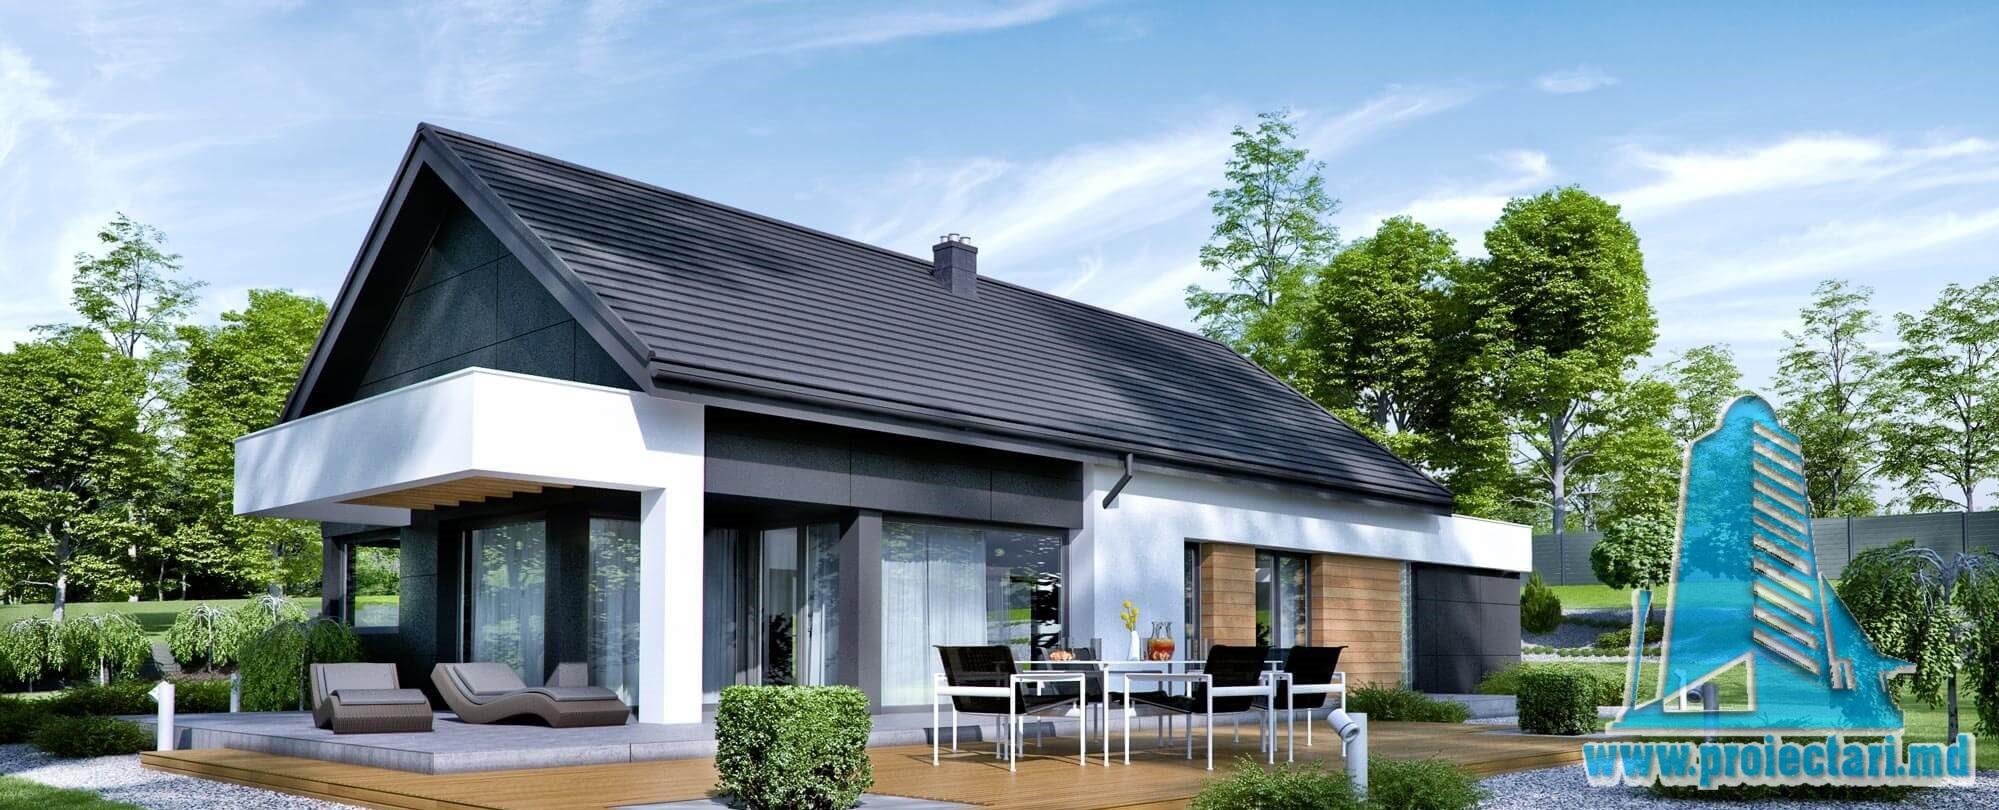 Casa cu parter si garaj pentru un automobil-171 m2-101038